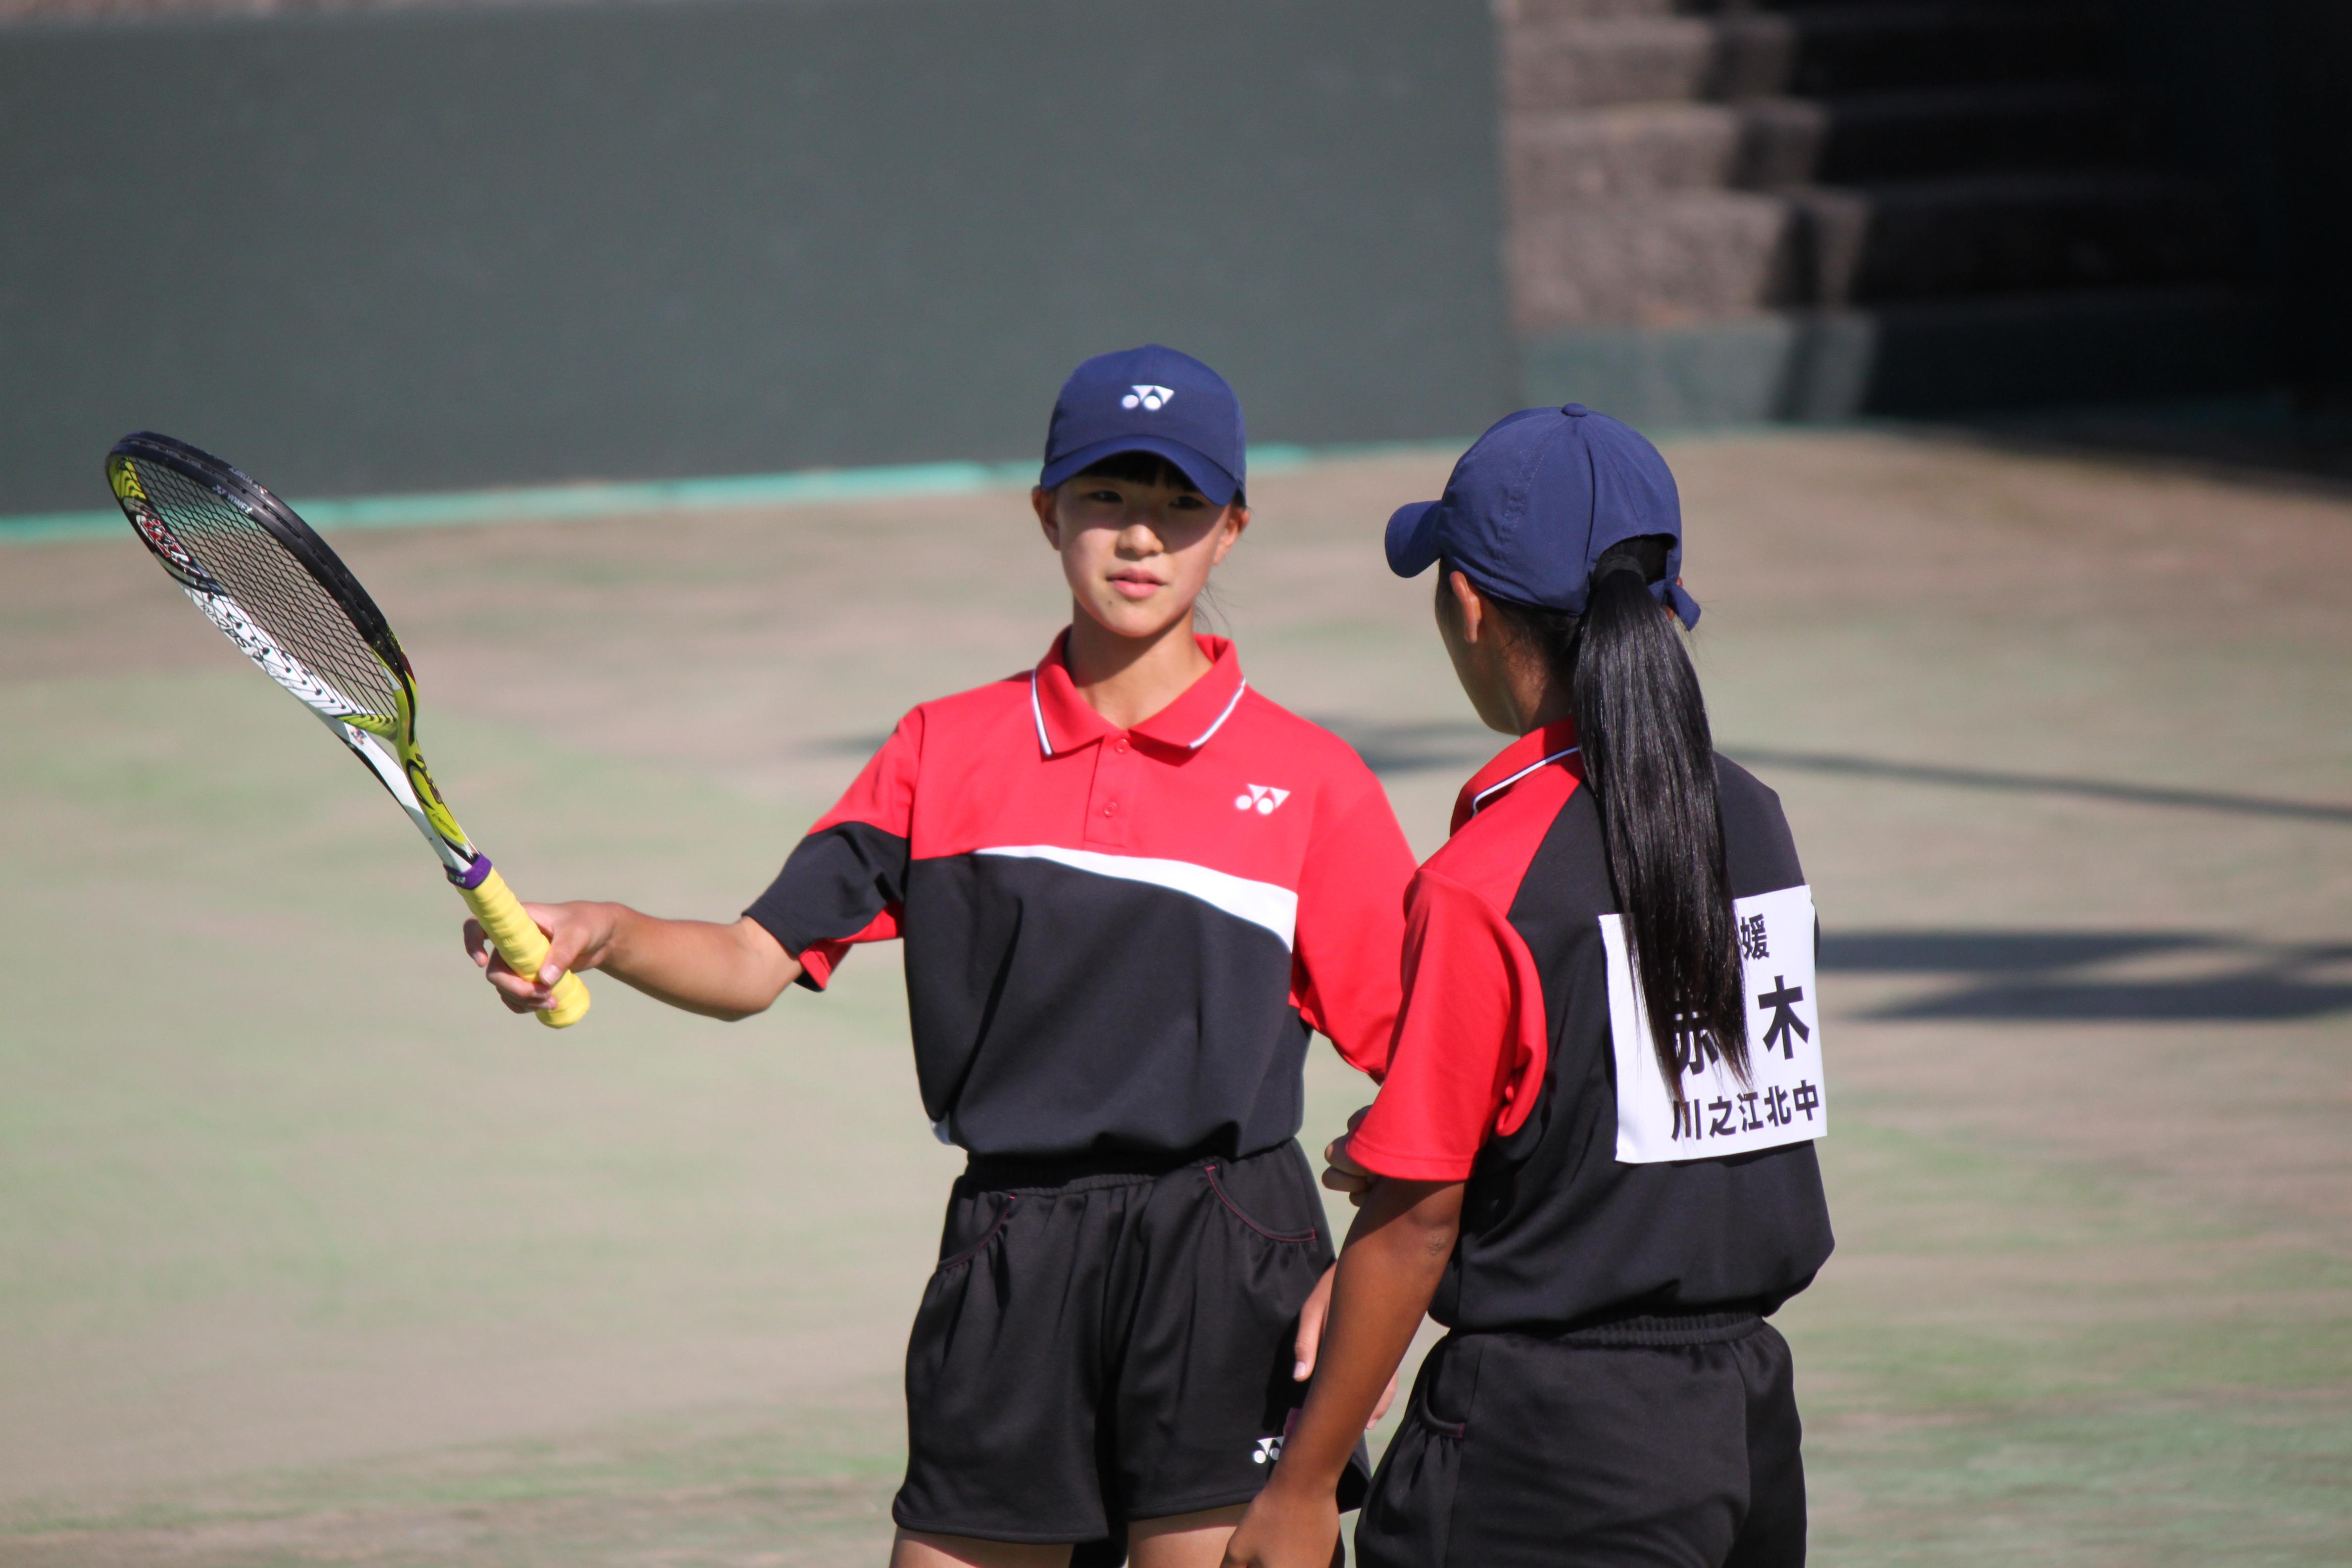 ソフトテニス (693)